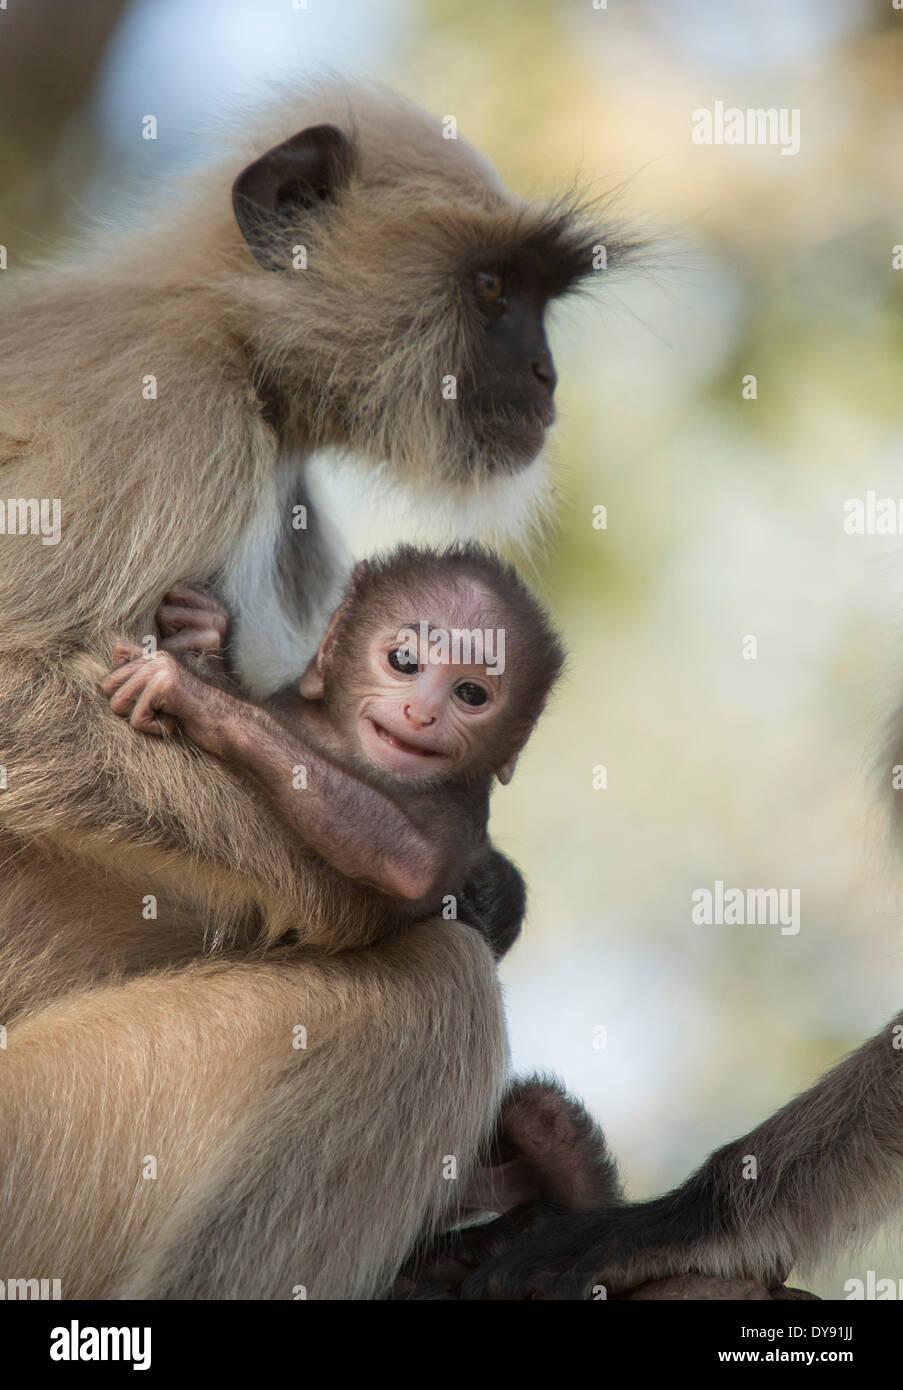 Hulman, Hanuman, indios, mono, Asia, animales, animales, mujeres, jóvenes, Imagen De Stock